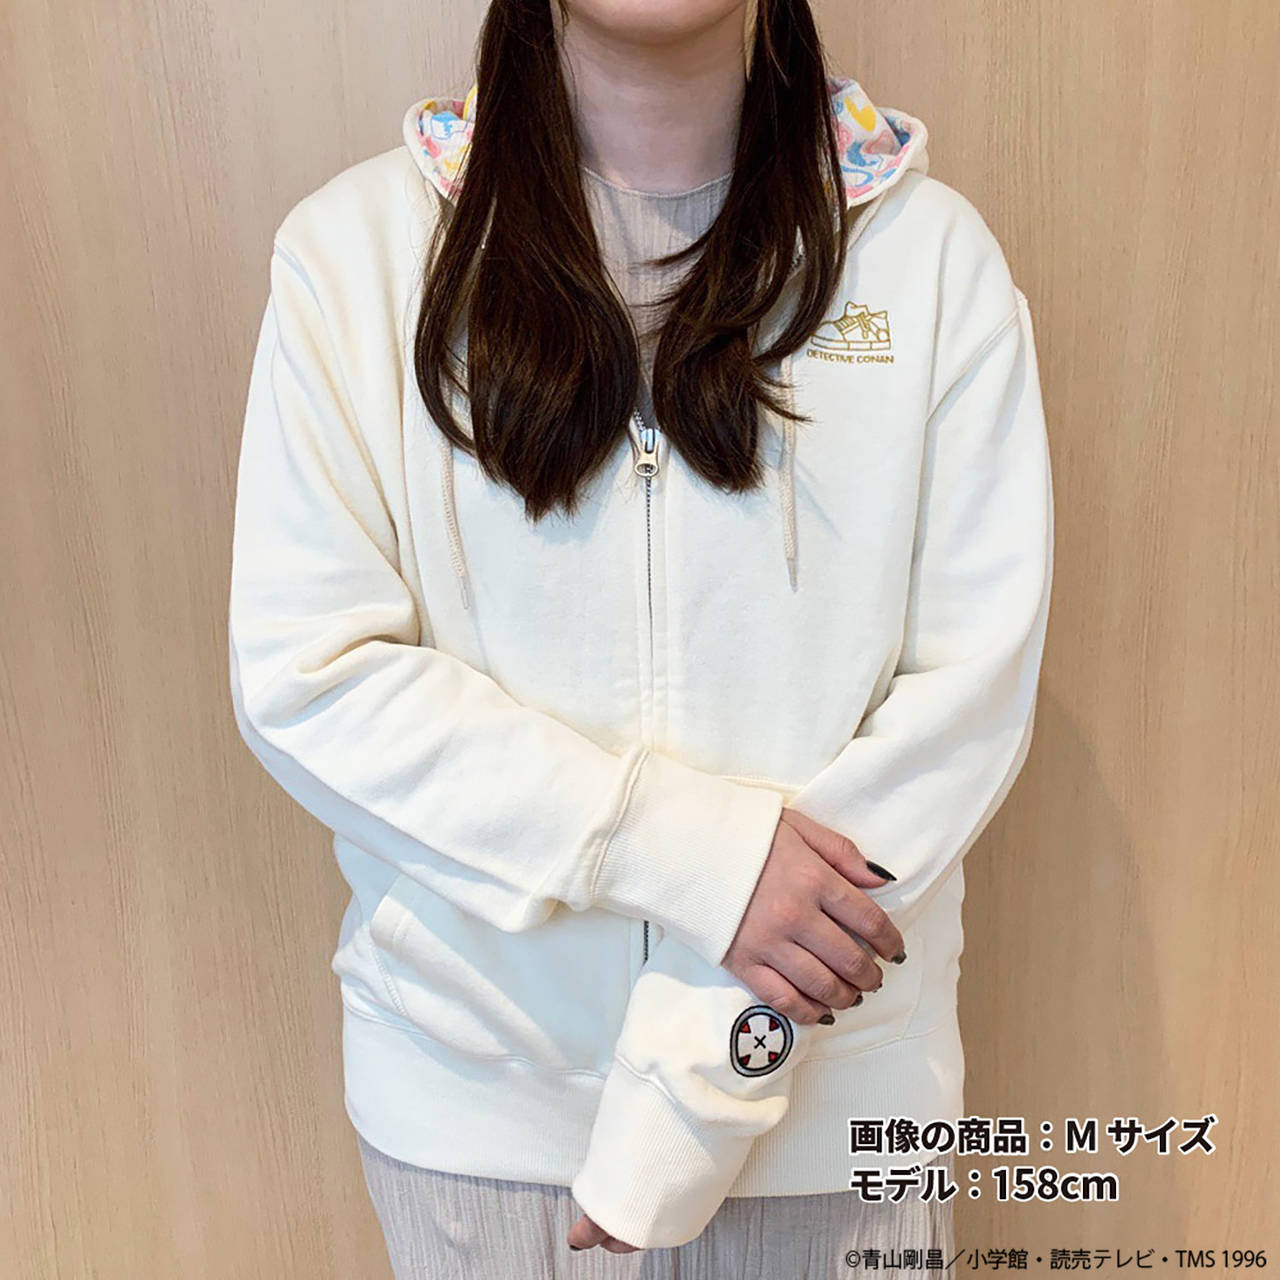 名探偵コナン 総柄パーカー ナチュラル/ブラック